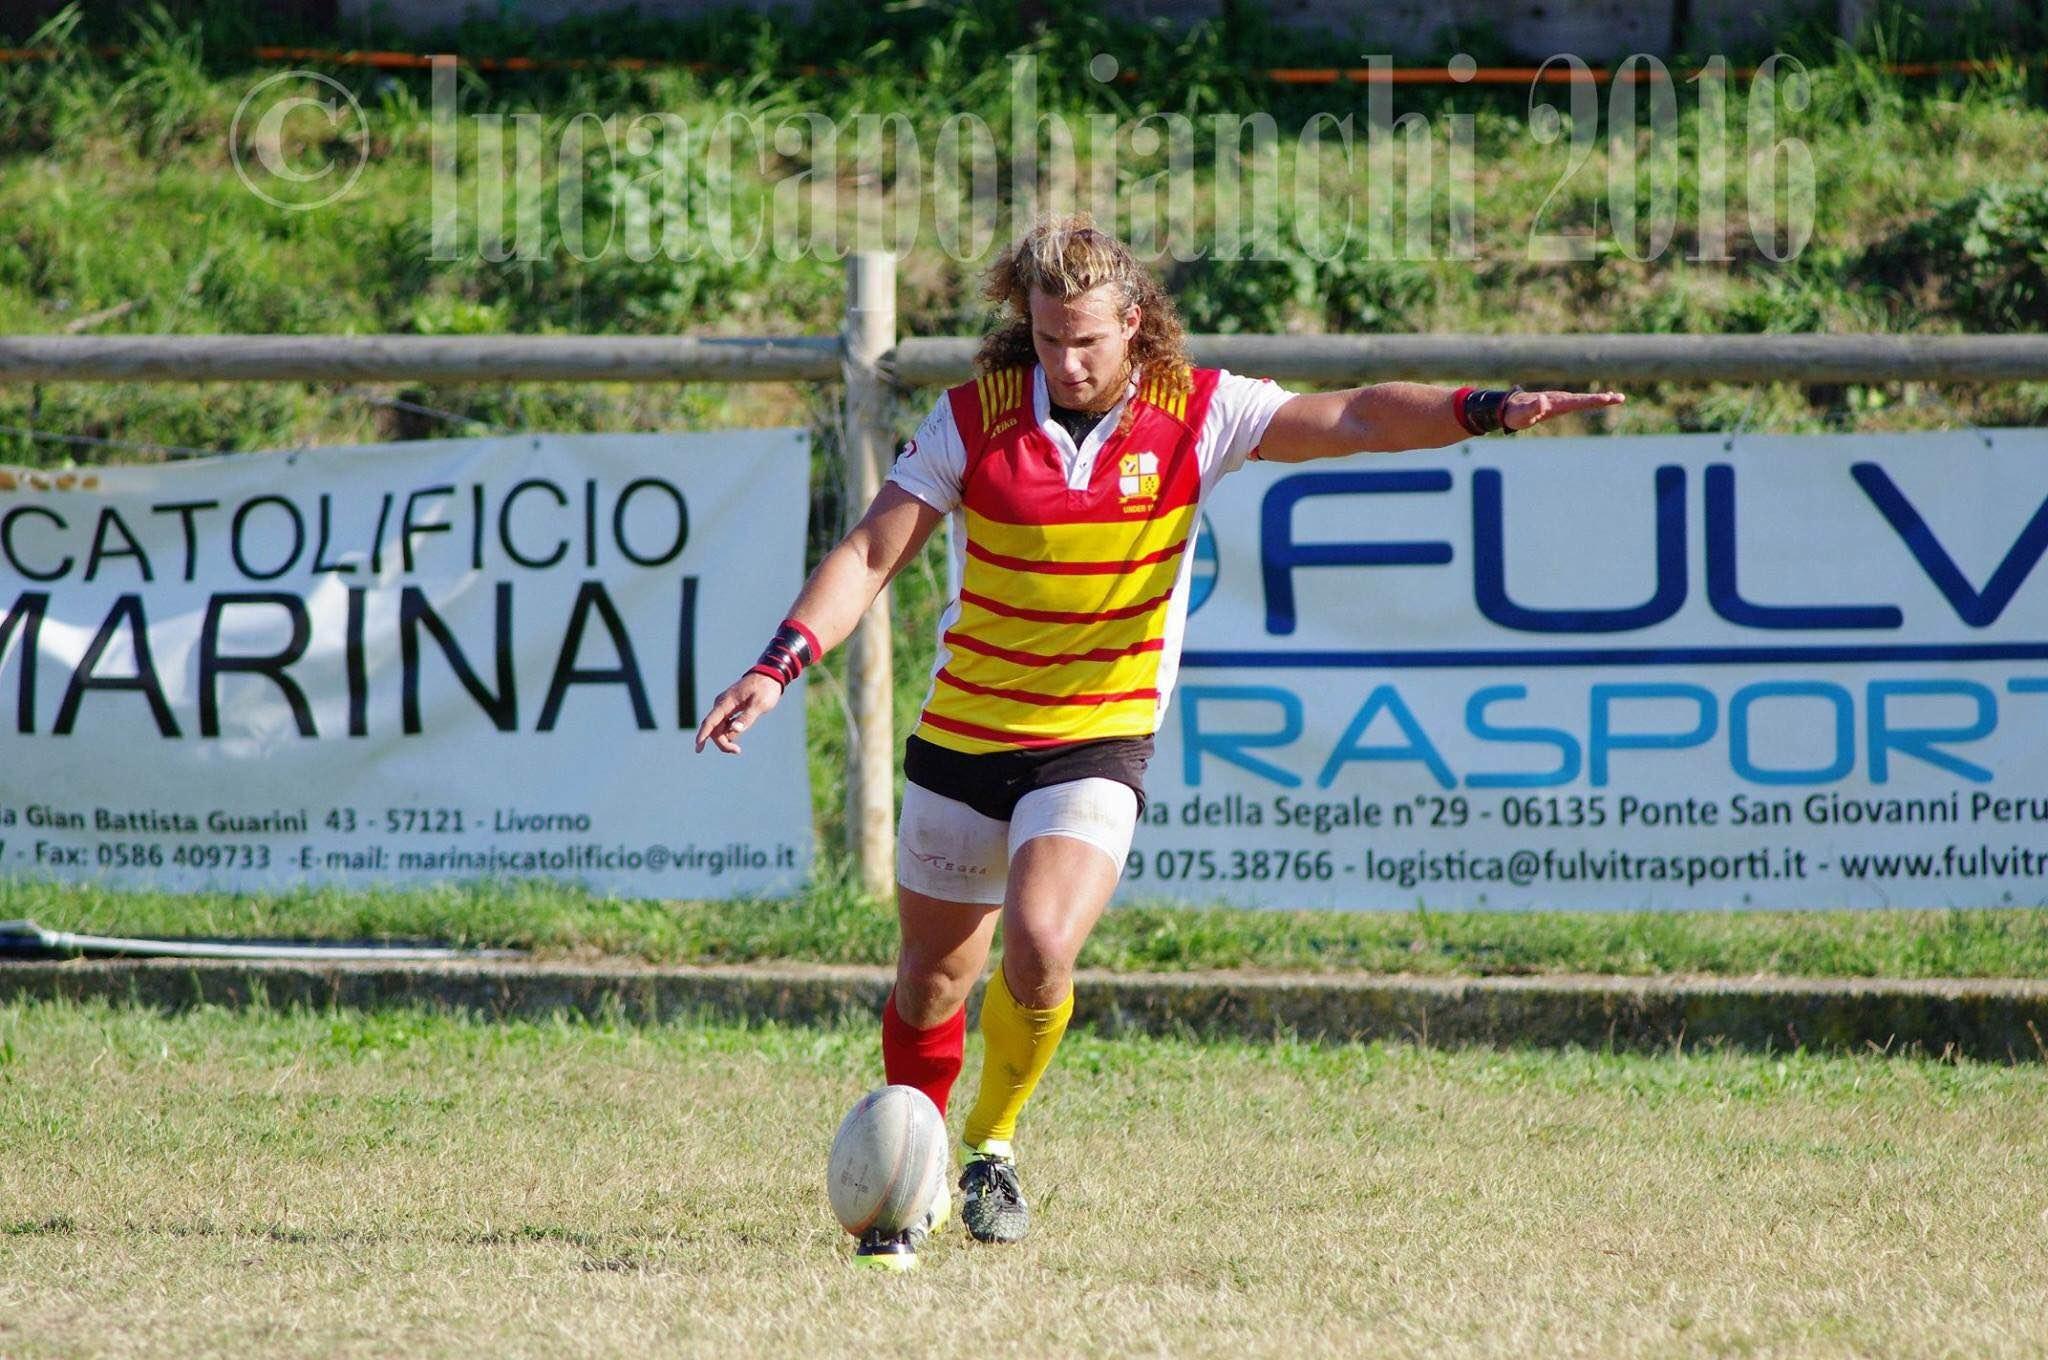 Rugby: Mori del Granducato convocato nella nazionale seven. Le parole di Gaetaniello.